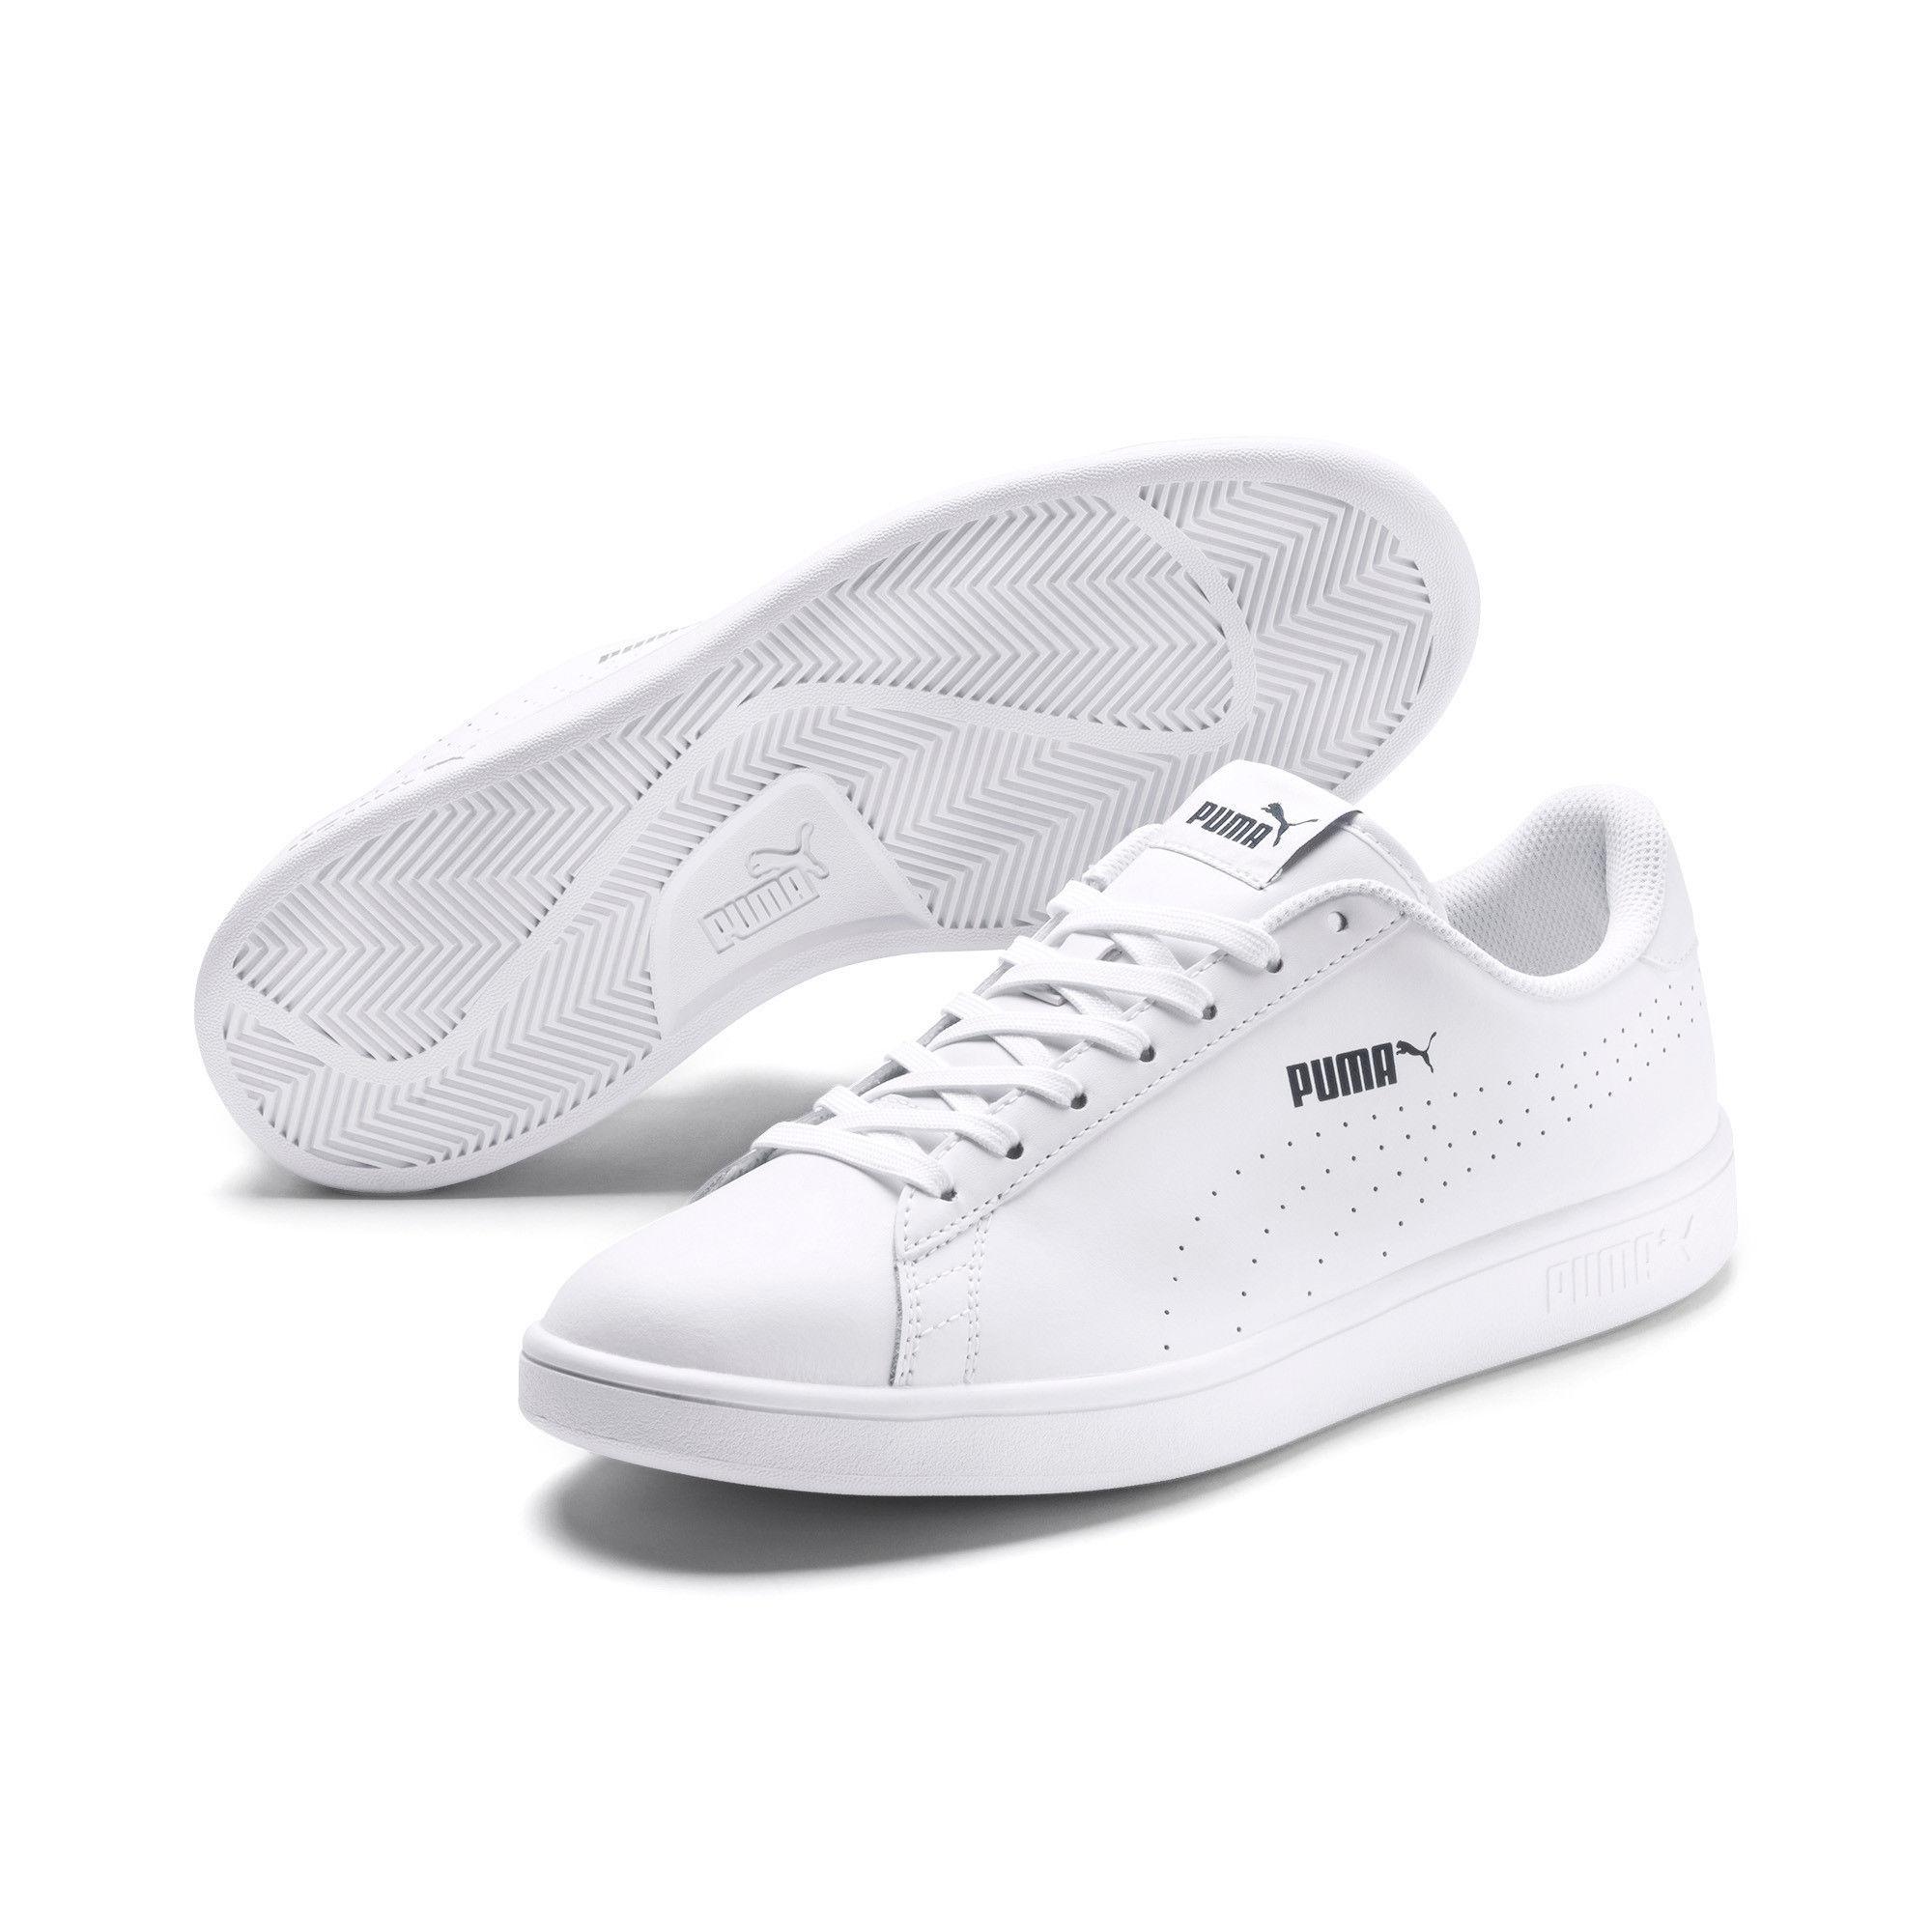 puma smash trainers in white